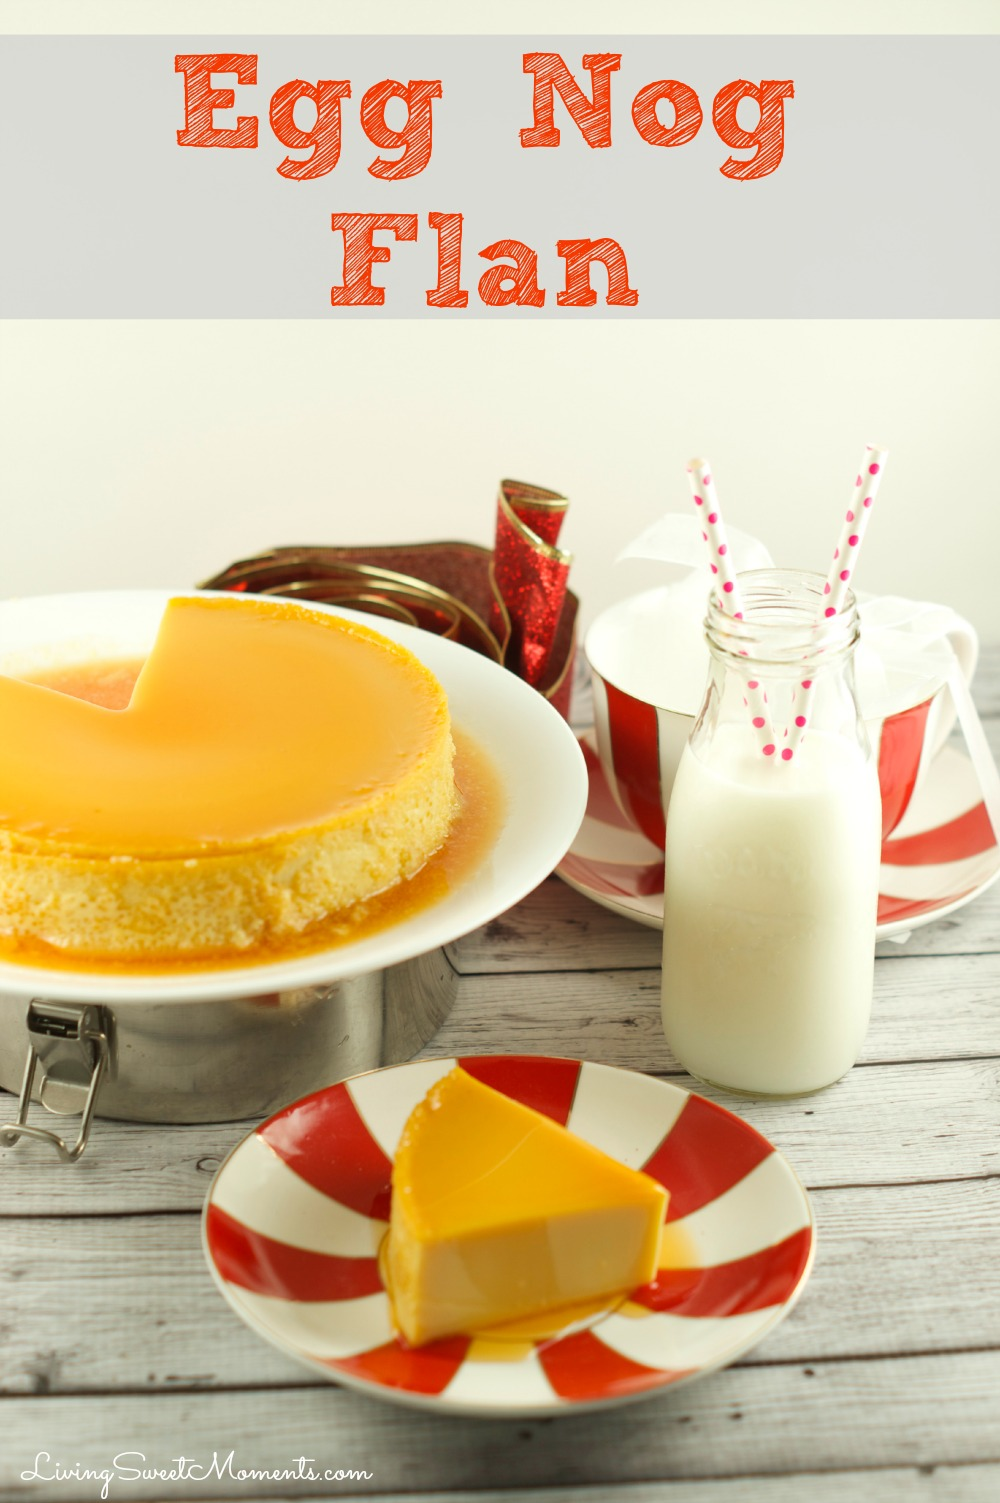 egg-nog-flan-recipe-cover